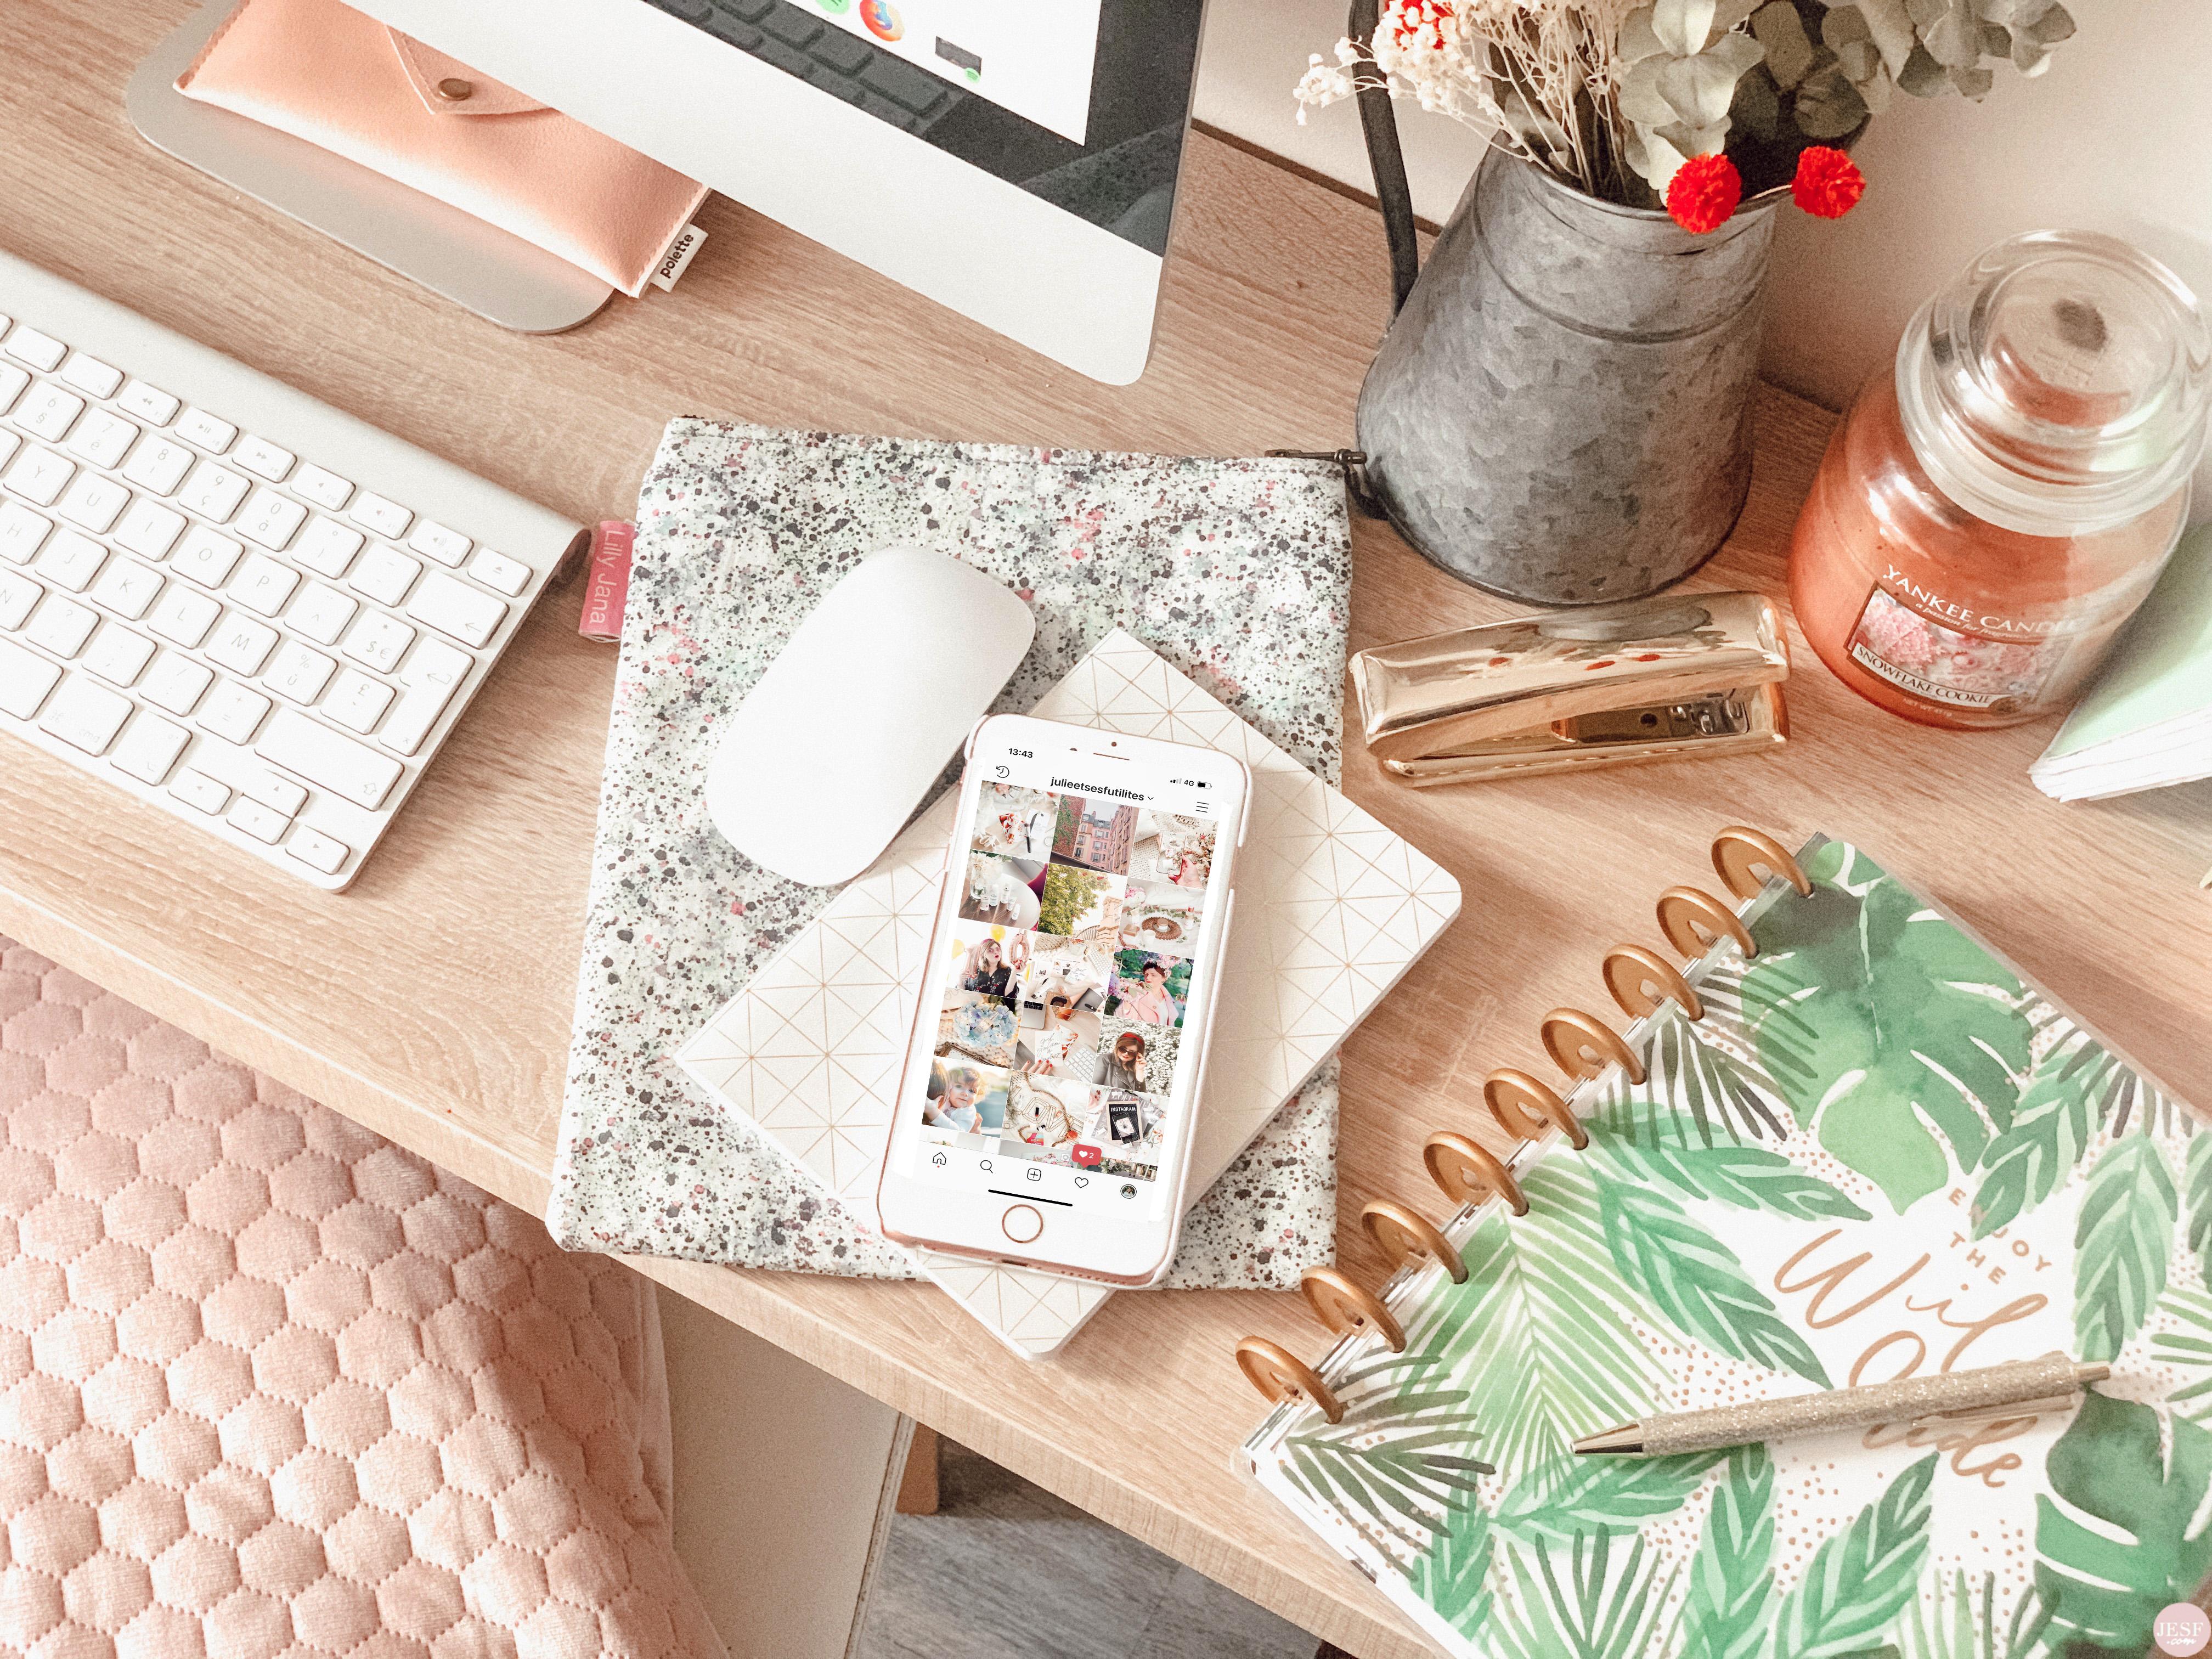 5-nouvelles-applications-pour-faire-belles-stories-Instagram